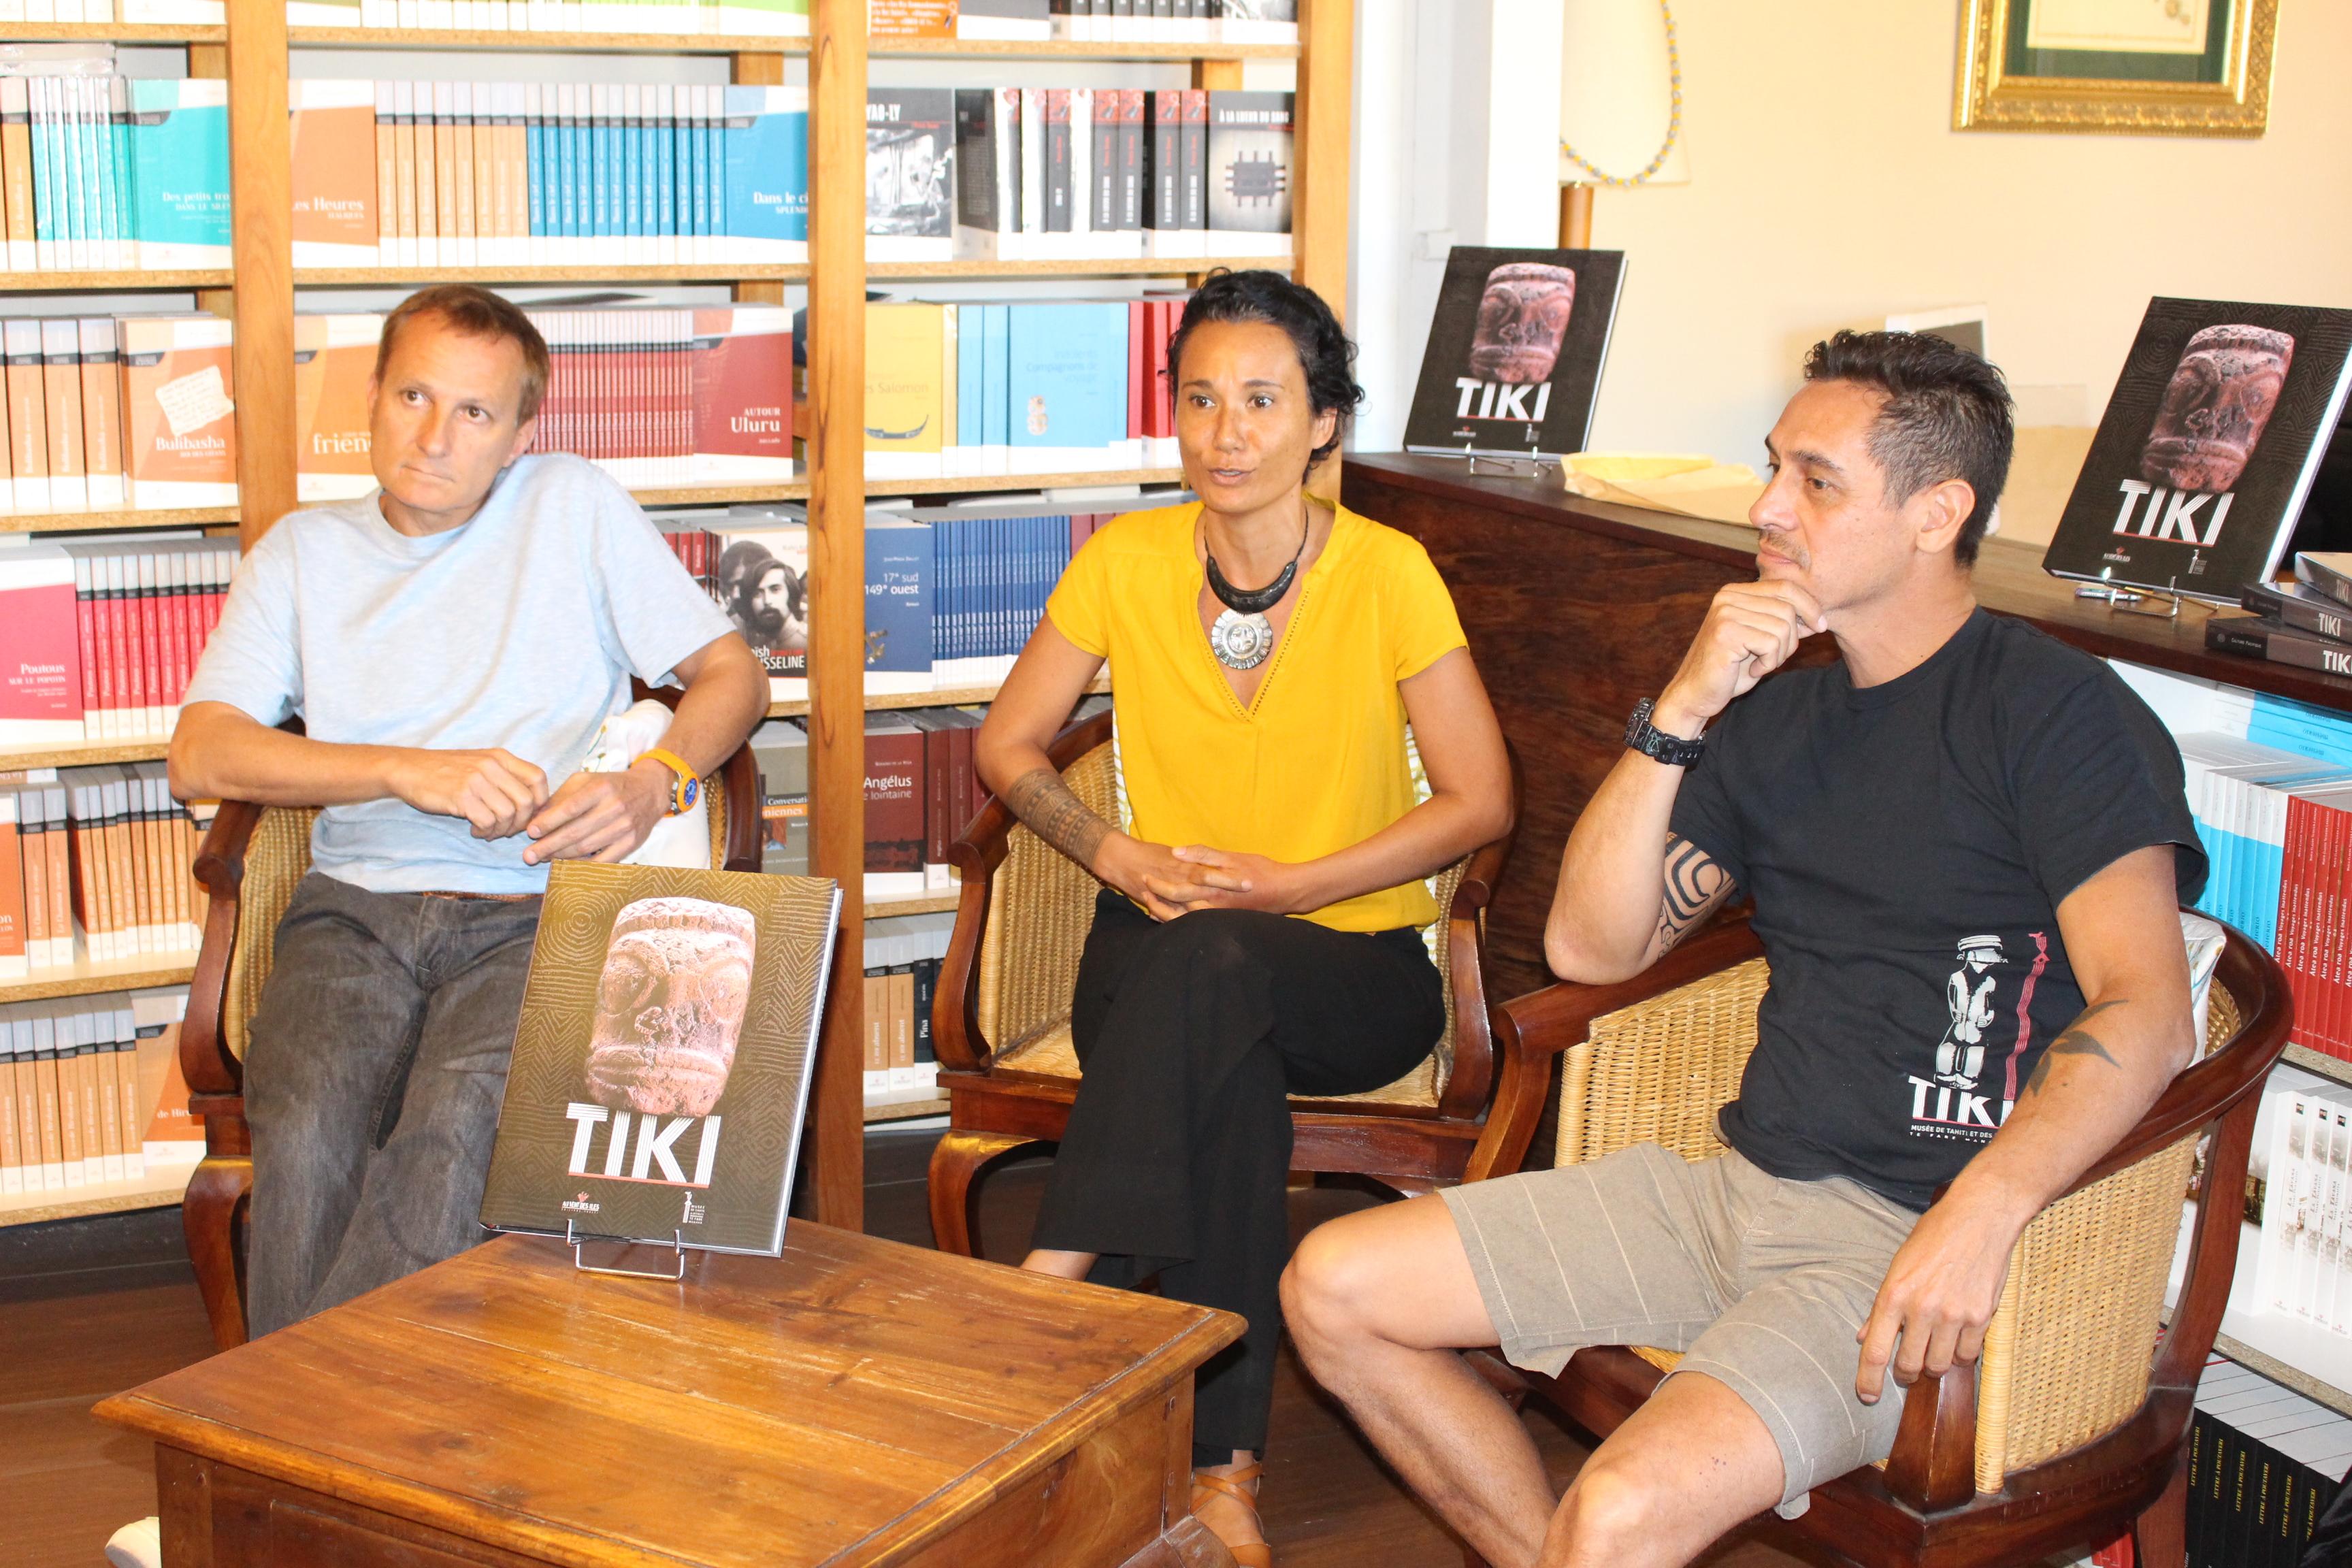 Tiki : Un premier livre sur le premier homme